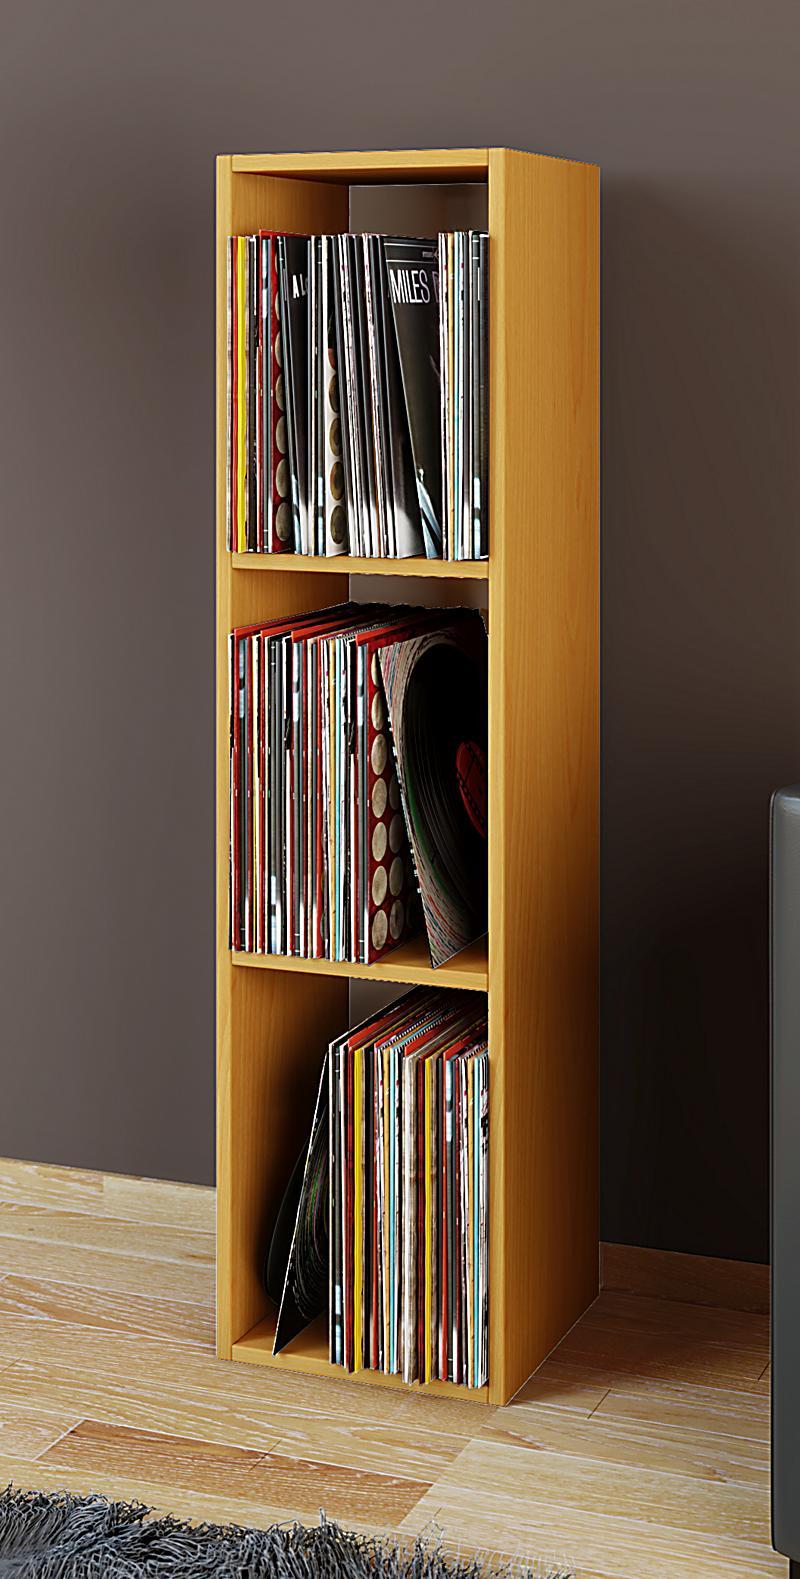 Astounding Bücherregal Buche Galerie Von Vcm Schallplatten Regal Archiv Lp Möbel Archivierung